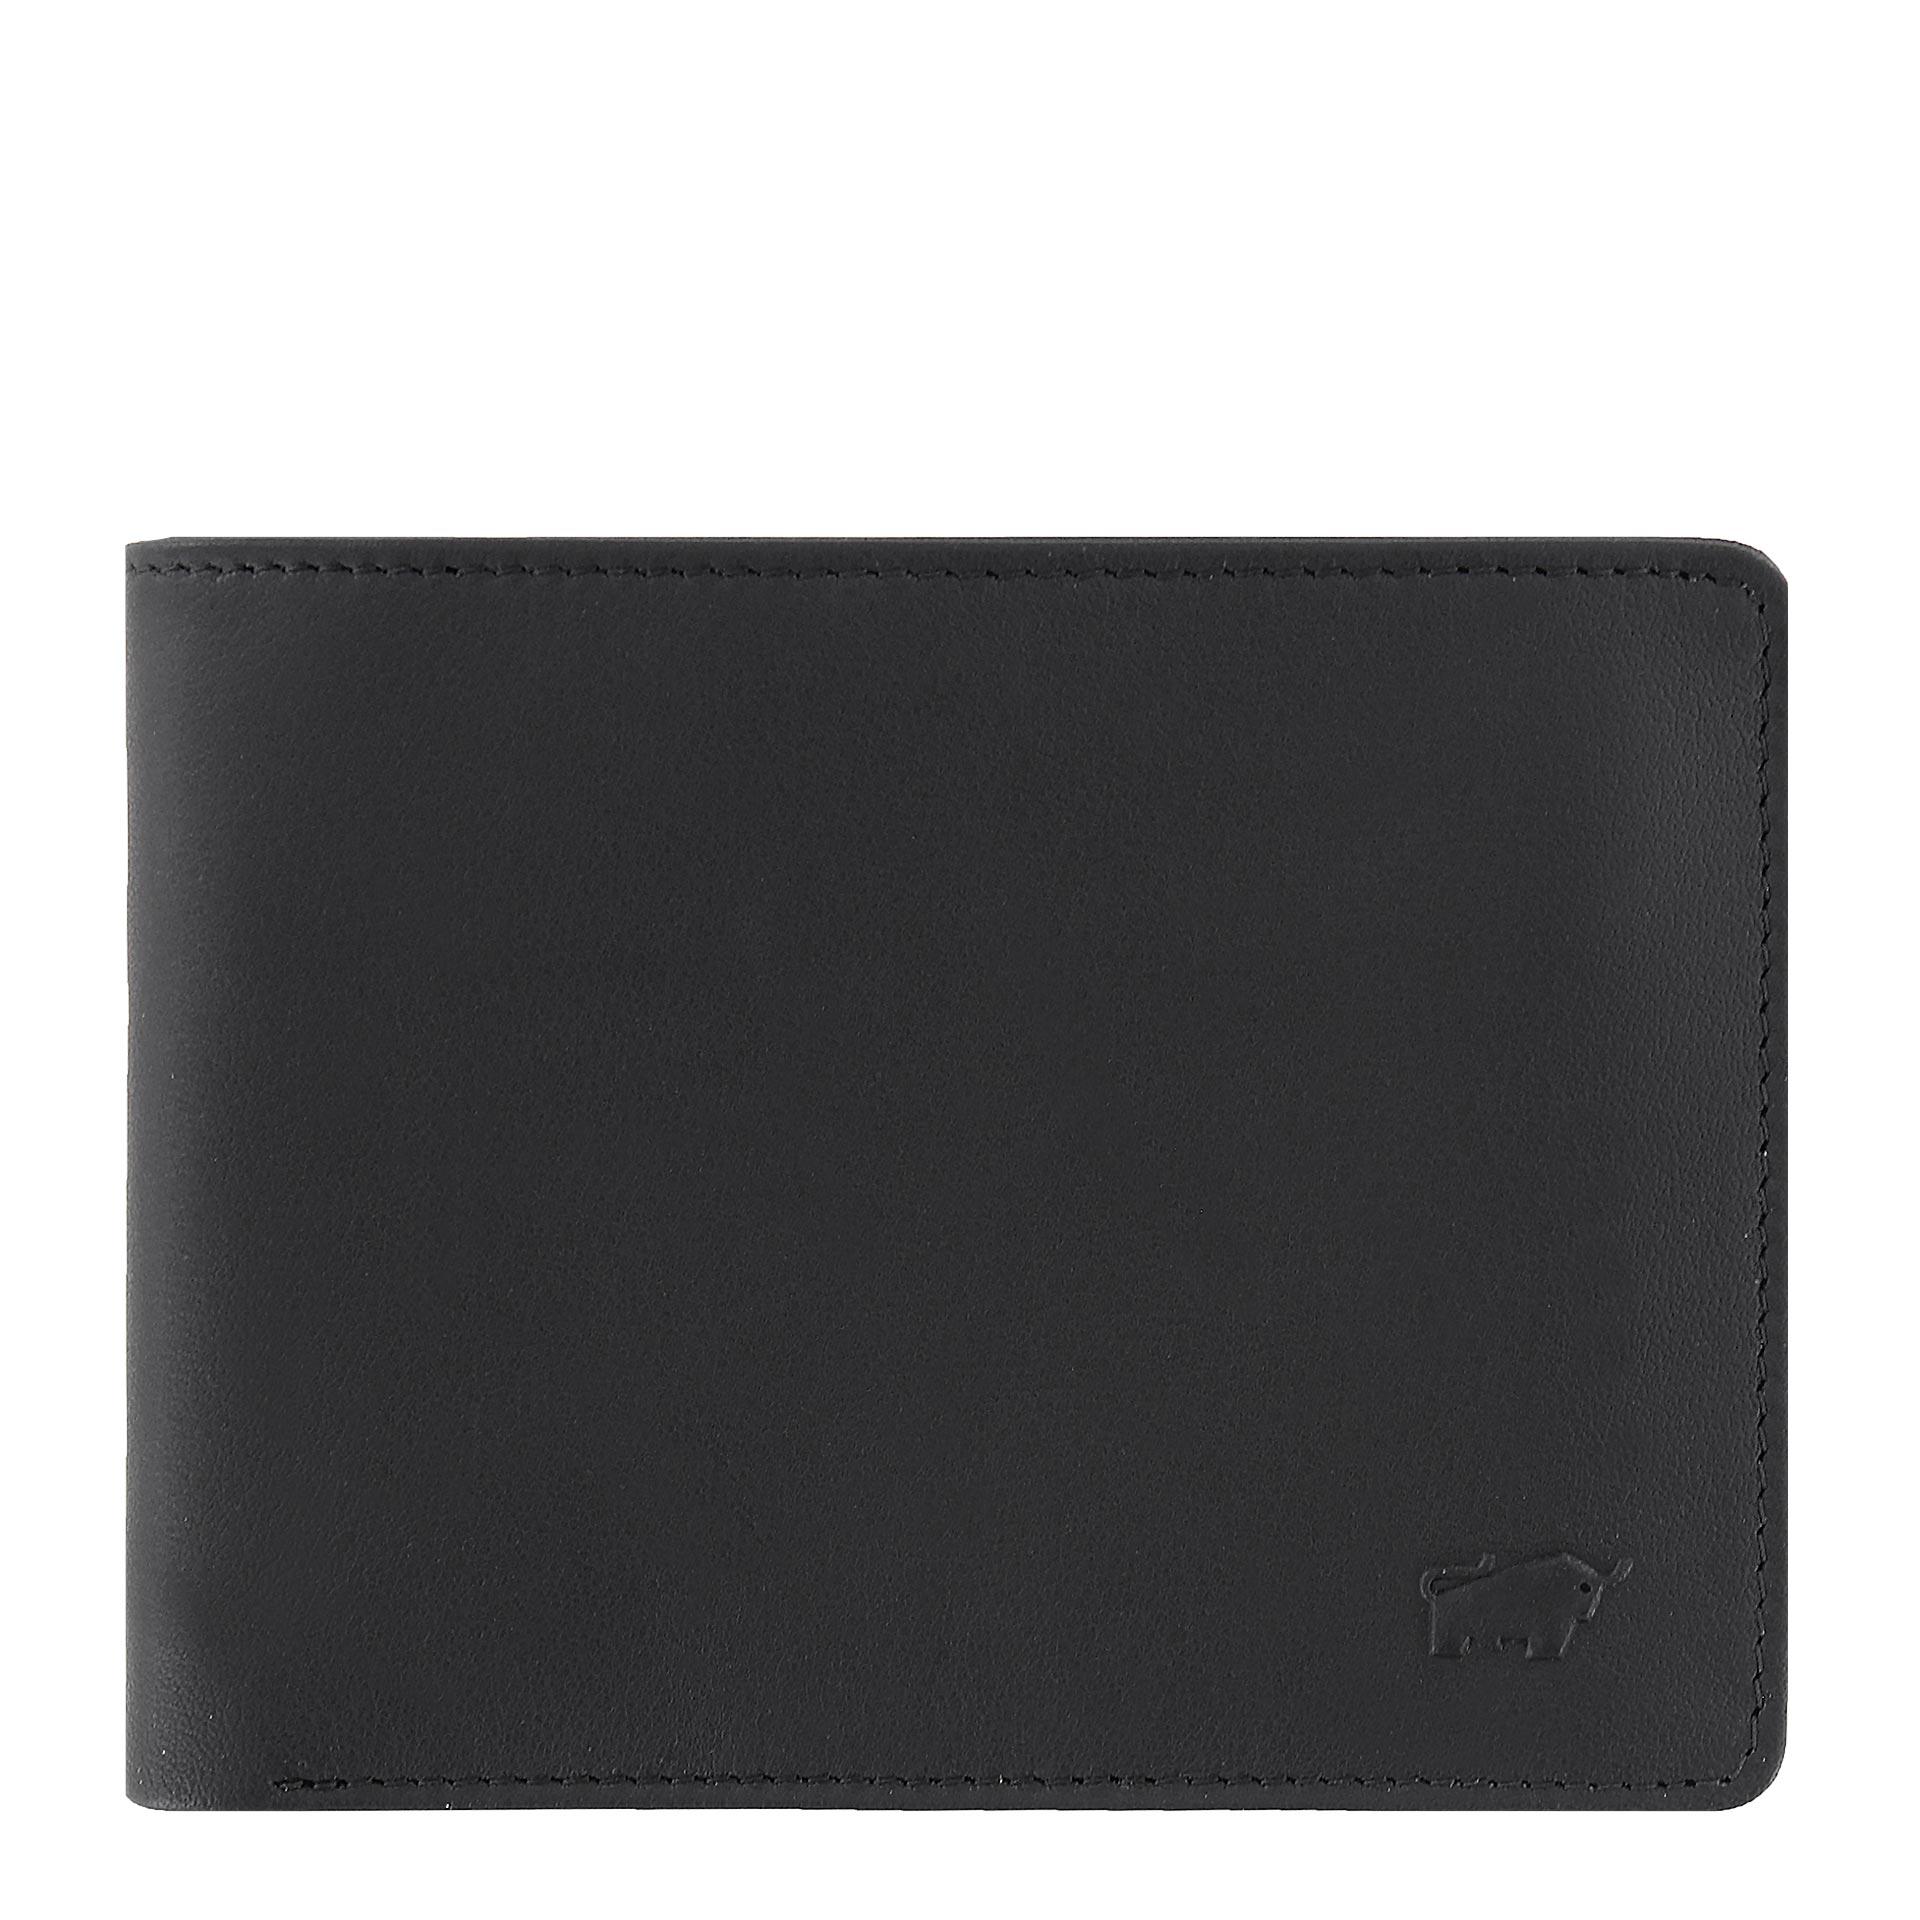 Braun Büffel Arizona Geldbörse 8CS mit Geheimfach schwarz